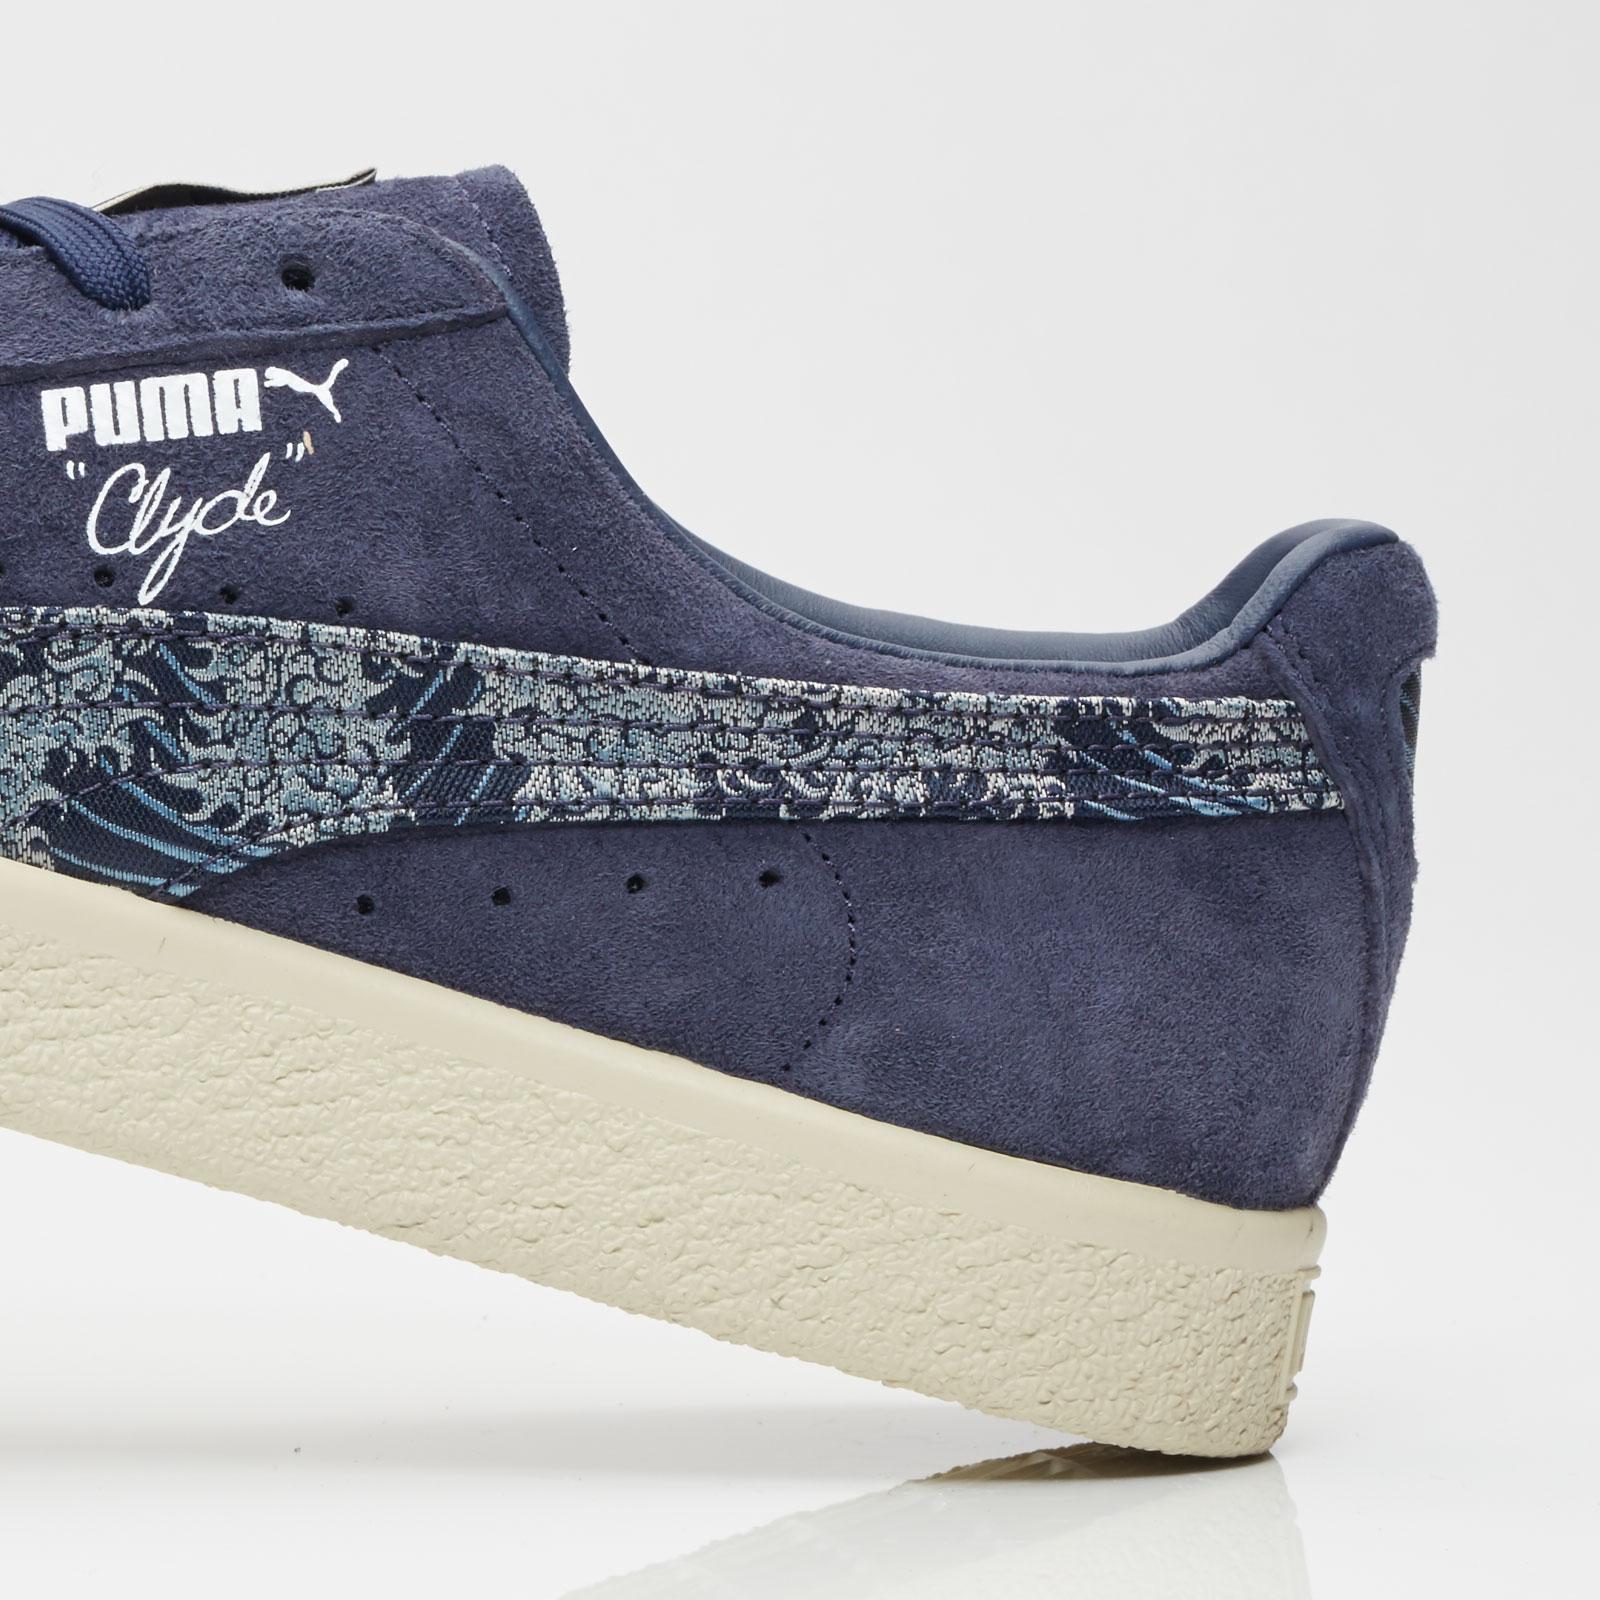 Puma Puma Clyde Marine FM - 364787-01 - SNS | sneakers ...